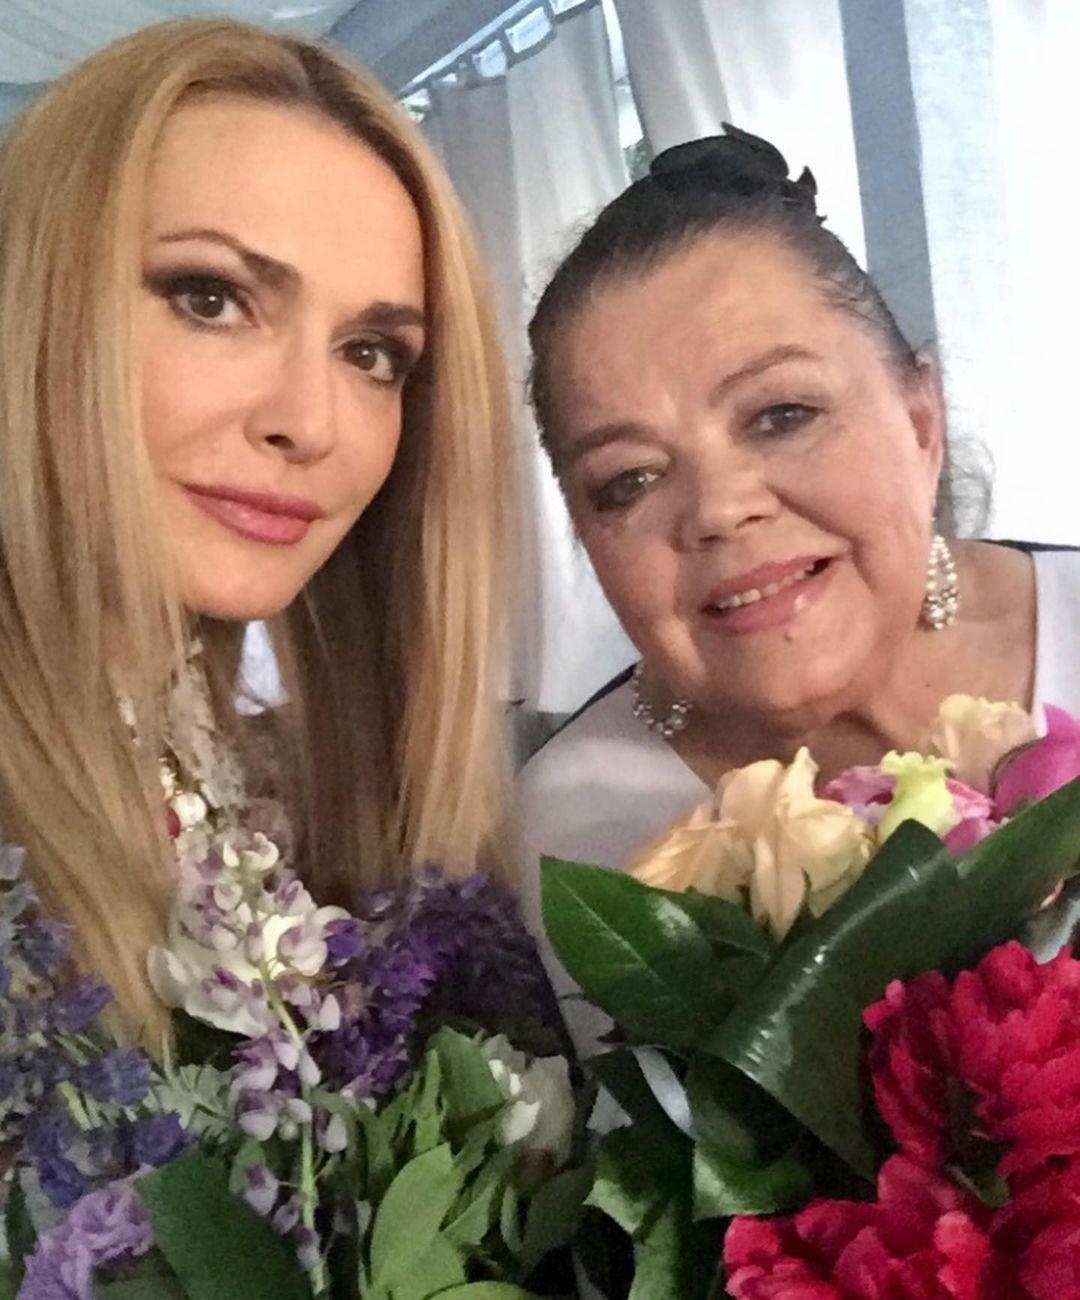 день матери украинские звезды как празднуют что дарят Ольга Сумская семья мать